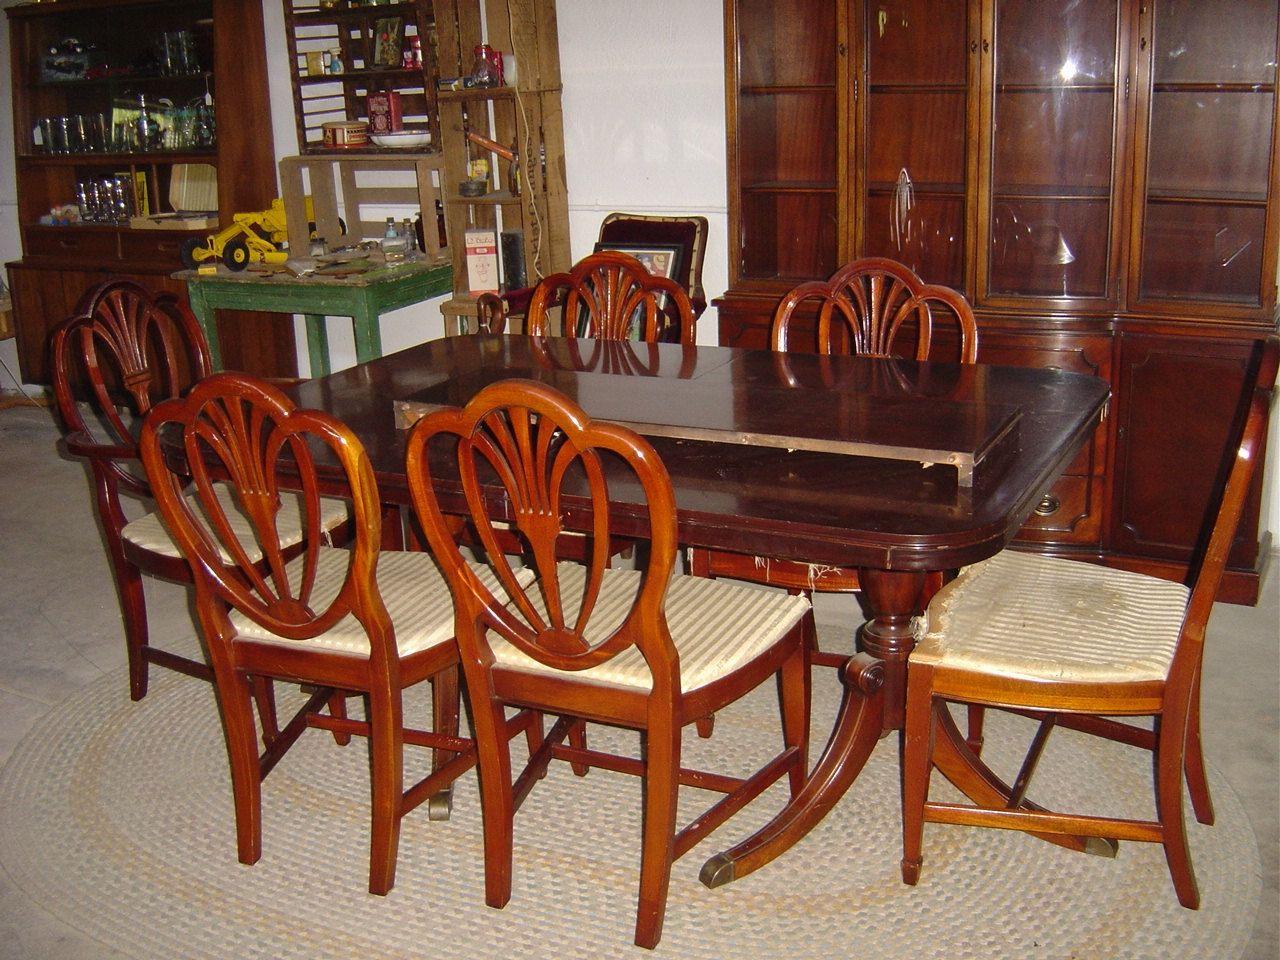 Drexel Dining Room Set  Httpenricbataller  Pinterest Enchanting Drexel Dining Room Furniture Decorating Design